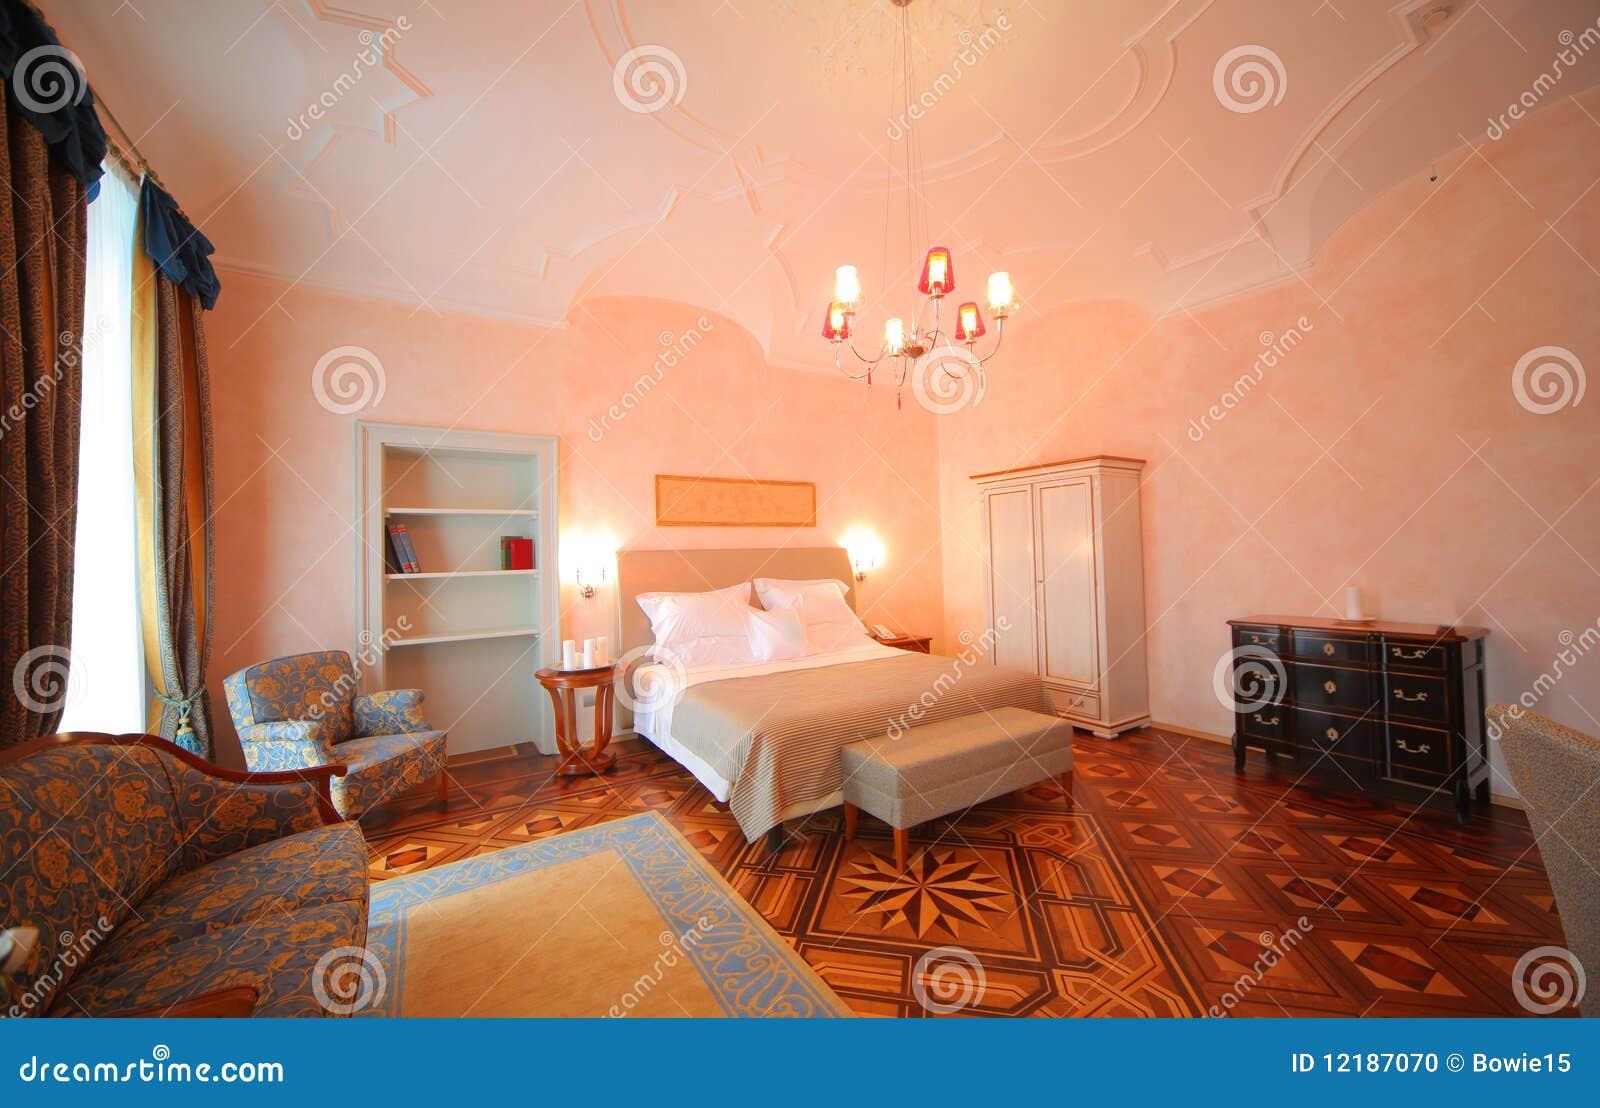 Camera da letto fotografia stock immagine 12187070 for 3 disegni della camera da letto della base